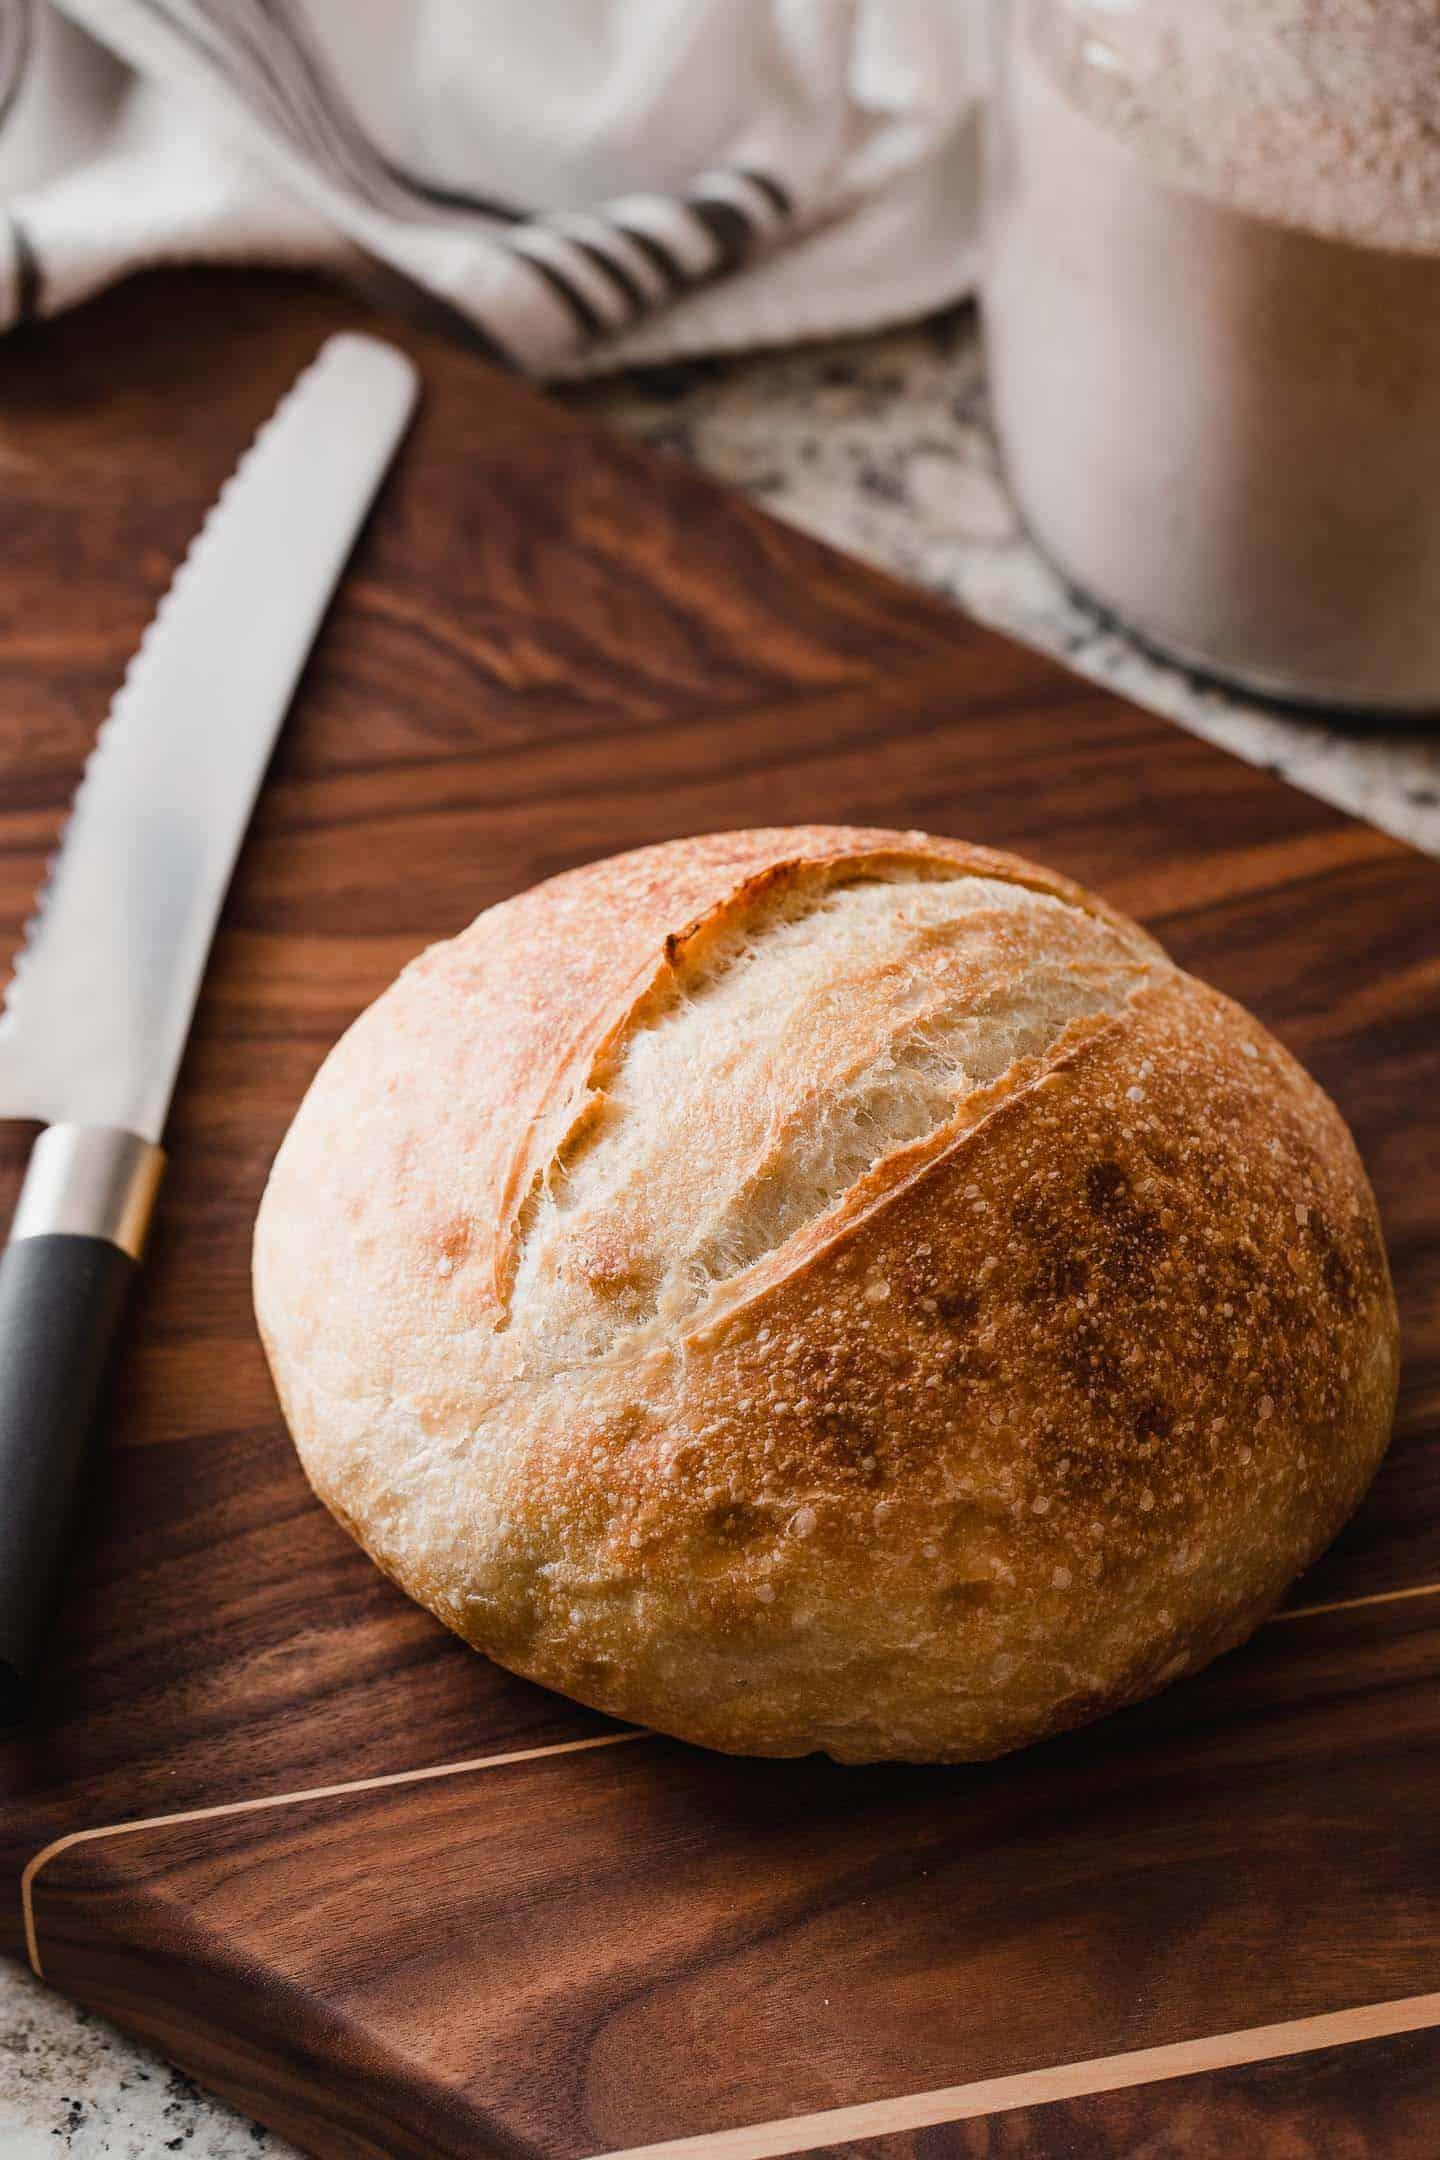 Sourdough bread on a cutting board.